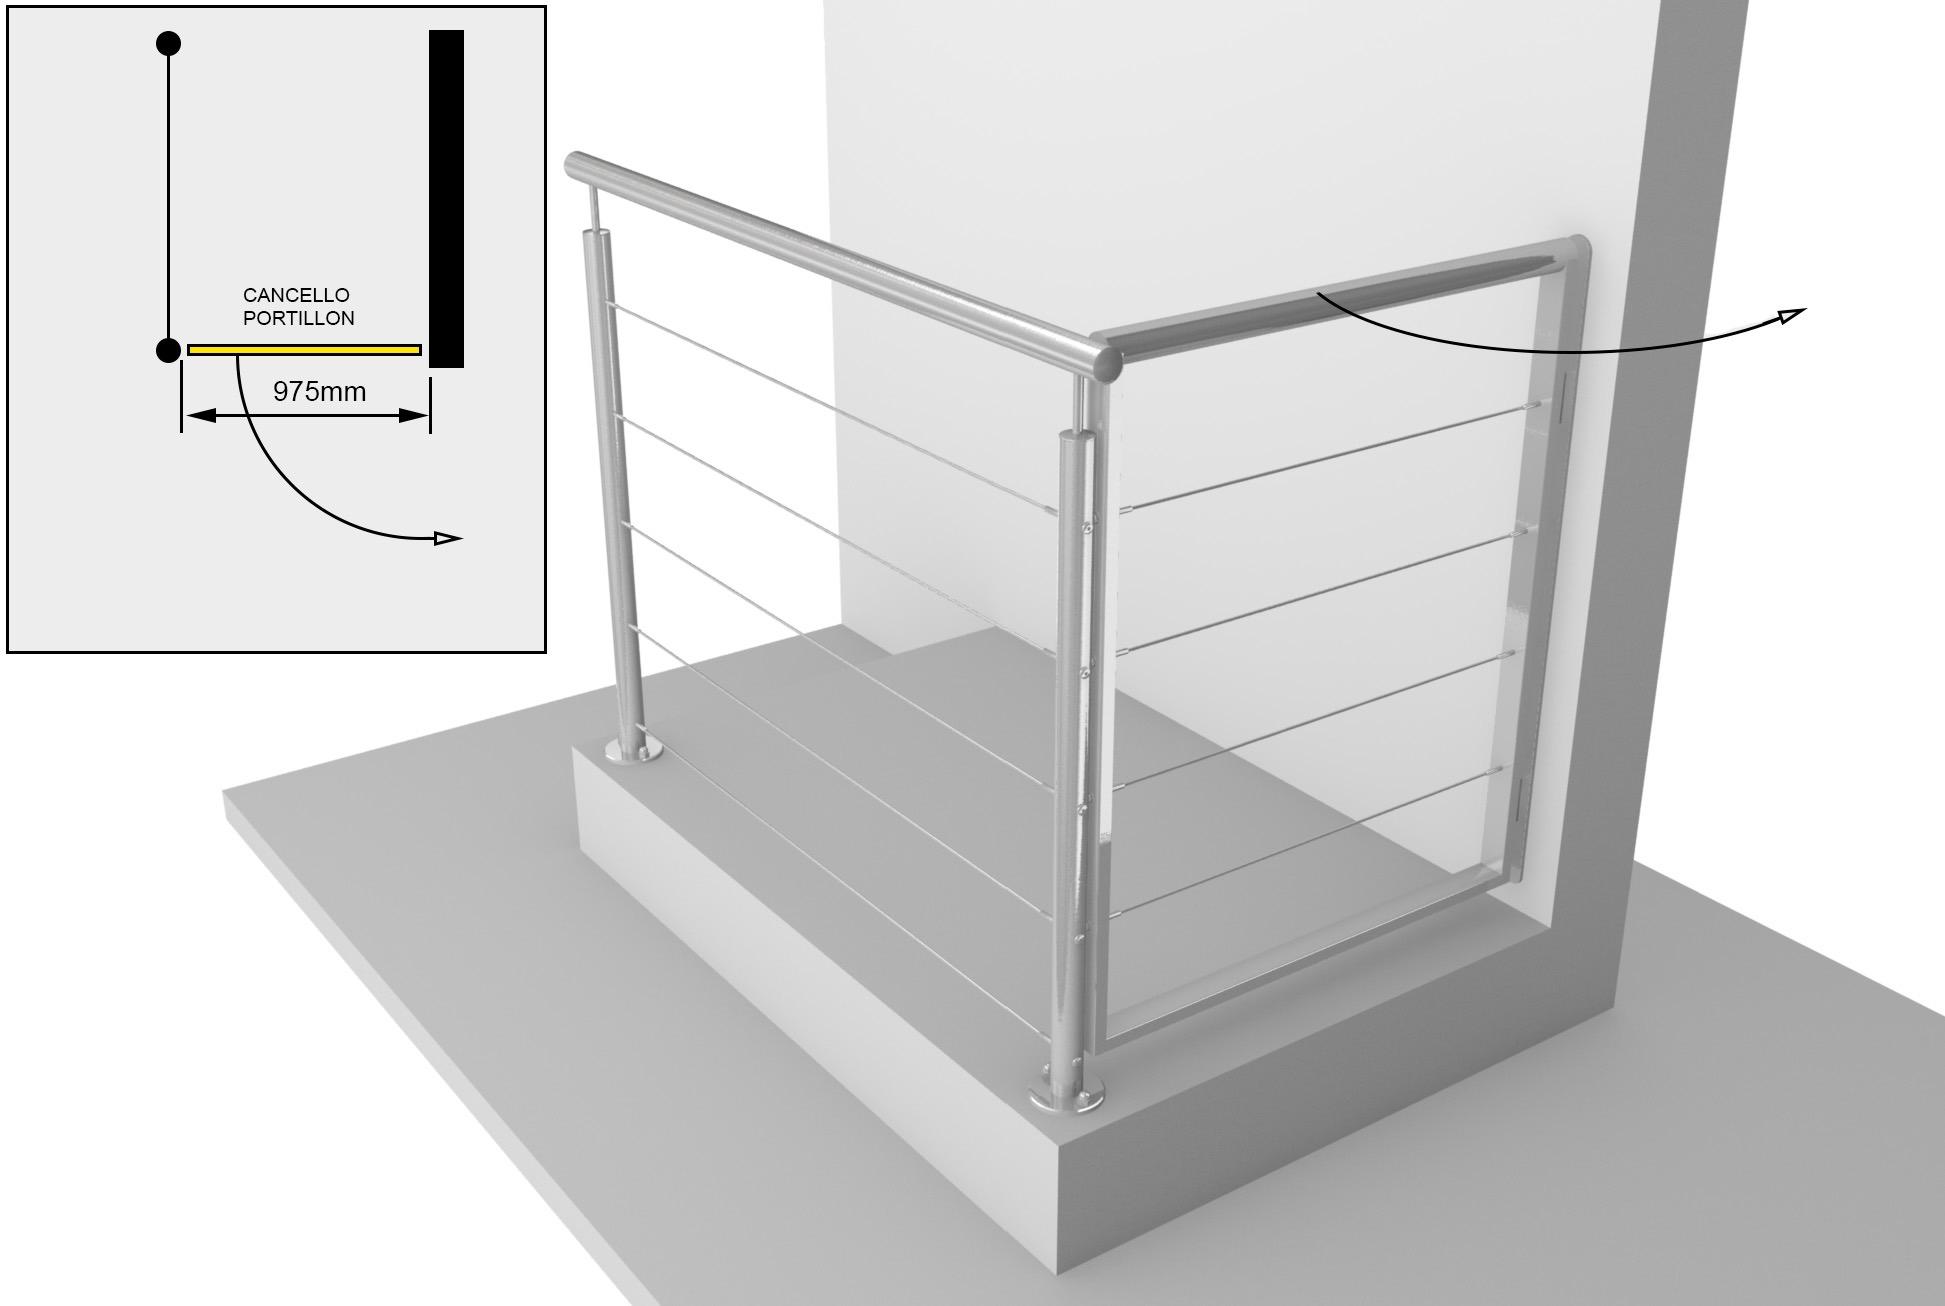 projet de portillon intégré à son garde-corps